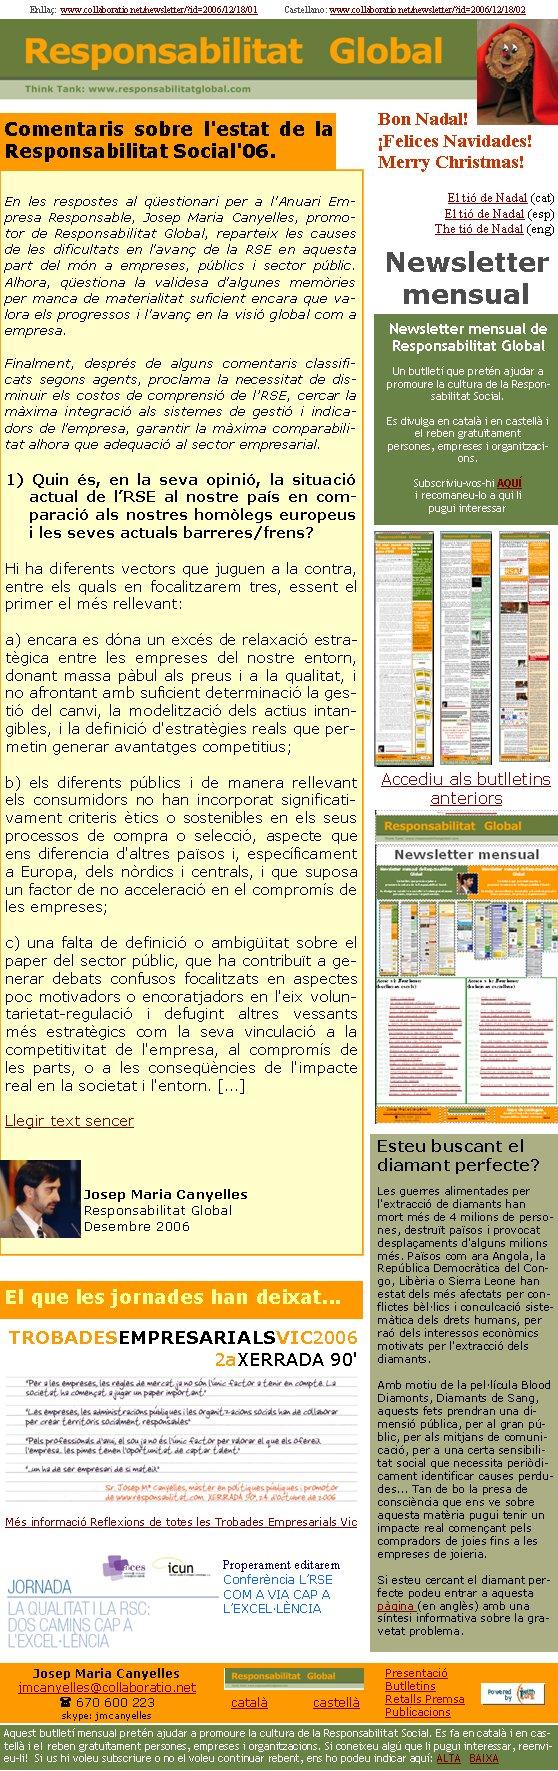 Enllaç:  www.collaboratio.net/newsletter/?id=2006/12/18/01            Castellano: www.collaboratio.net/newsletter/?id=2006/12/18/02 Josep Maria Canyellesjmcanyelles@collaboratio.net( 670 600 223 skype: jmcanyellescatalà           castellà Aquest butlletí mensual pretén ajudar a promoure la cultura de la Responsabilitat Social. Es fa en català i en castellà i el reben gratuïtament persones, empreses i organitzacions. Si coneixeu algú que li pugui interessar, reenvieu-li!  Si us hi voleu subscriure o no el voleu continuar rebent, ens ho podeu indicar aquí: ALTA   BAIXA PresentacióButlletinsRetalls PremsaPublicacionsComentaris sobre l'estat de la Responsabilitat Social'06.En les respostes al qüestionari per a l'Anuari Empresa Responsable, Josep Maria Canyelles, promotor de Responsabilitat Global, reparteix les causes de les dificultats en l'avanç de la RSE en aquesta part del món a empreses, públics i sector públic. Alhora, qüestiona la validesa d'algunes memòries per manca de materialitat suficient encara que valora els progressos i l'avanç en la visió global com a empresa. Finalment, després de alguns comentaris classificats segons agents, proclama la necessitat de disminuir els costos de comprensió de l'RSE, cercar la màxima integració als sistemes de gestió i indicadors de l'empresa, garantir la màxima comparabilitat alhora que adequació al sector empresarial.1) Quin és, en la seva opinió, la situació actual de l'RSE al nostre país en comparació als nostres homòlegs europeus i les seves actuals barreres/frens?Hi ha diferents vectors que juguen a la contra, entre els quals en focalitzarem tres, essent el primer el més rellevant: a) encara es dóna un excés de relaxació estratègica entre les empreses del nostre entorn, donant massa pàbul als preus i a la qualitat, i no afrontant amb suficient determinació la gestió del canvi, la modelització dels actius intangibles, i la definició d'estratègies reals que permetin generar avantatges competitius; b) els diferents públic